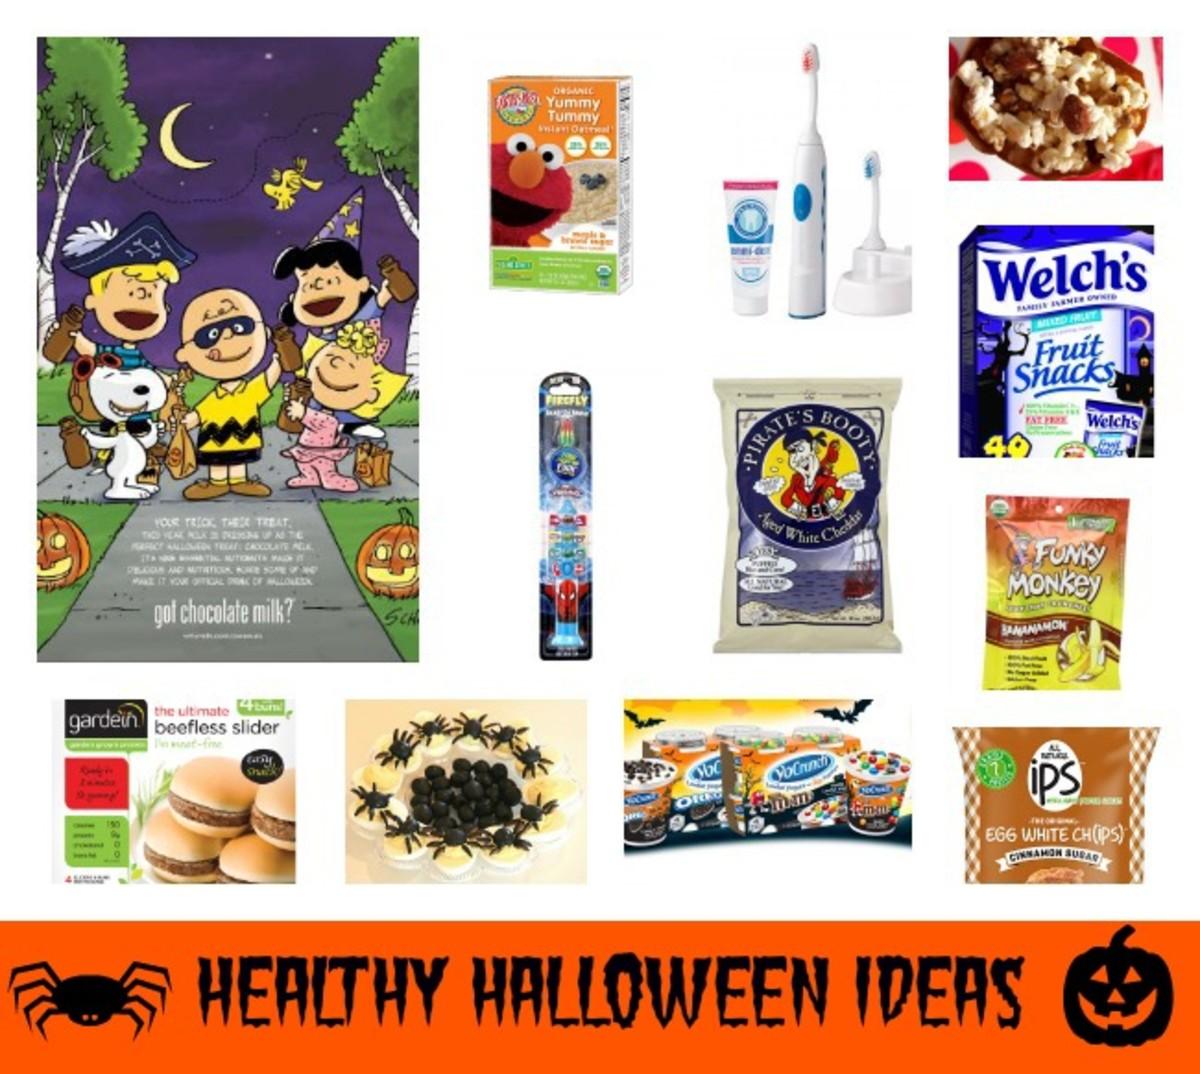 Healthy Halloween Ideas, Halloween